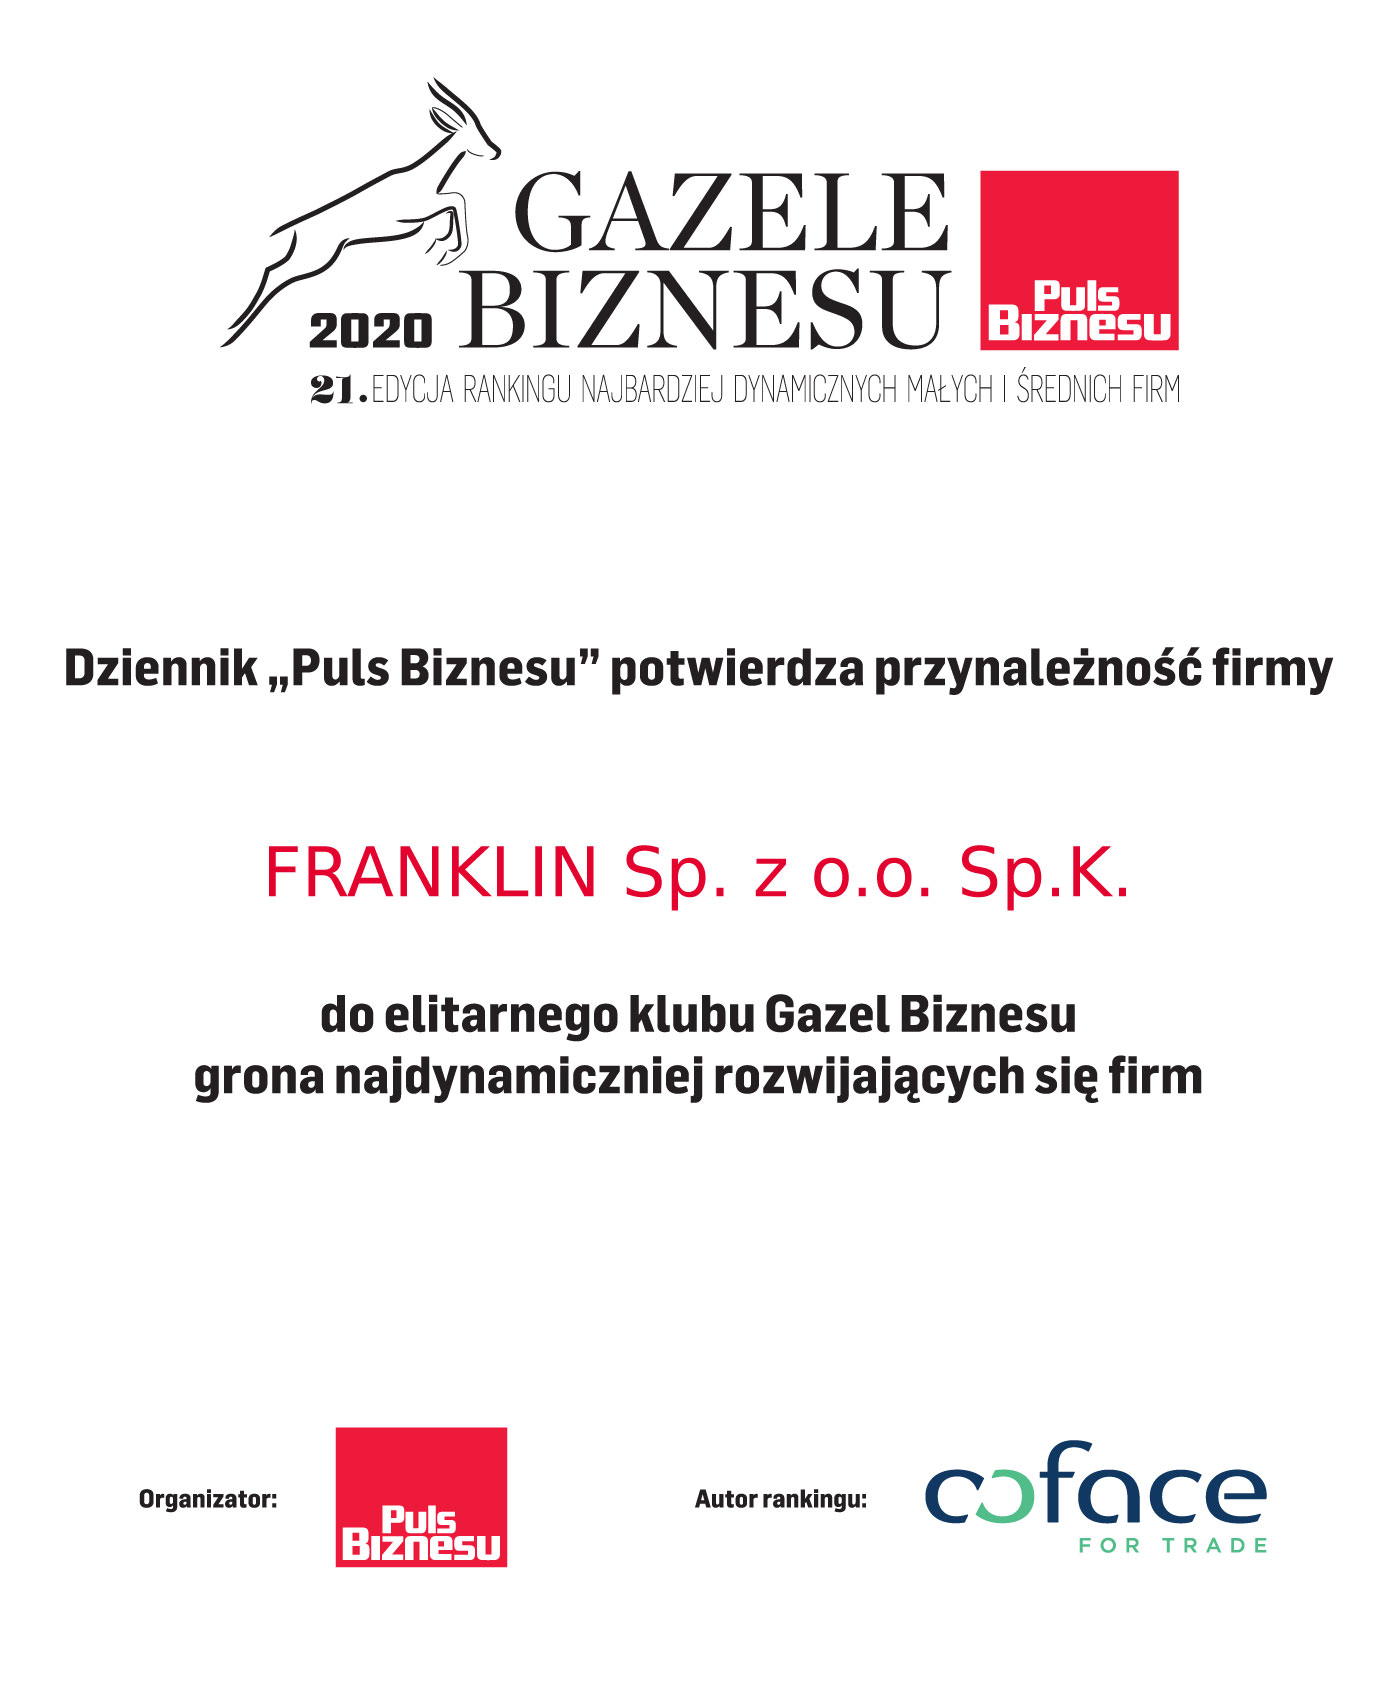 gazele_2020_104718890